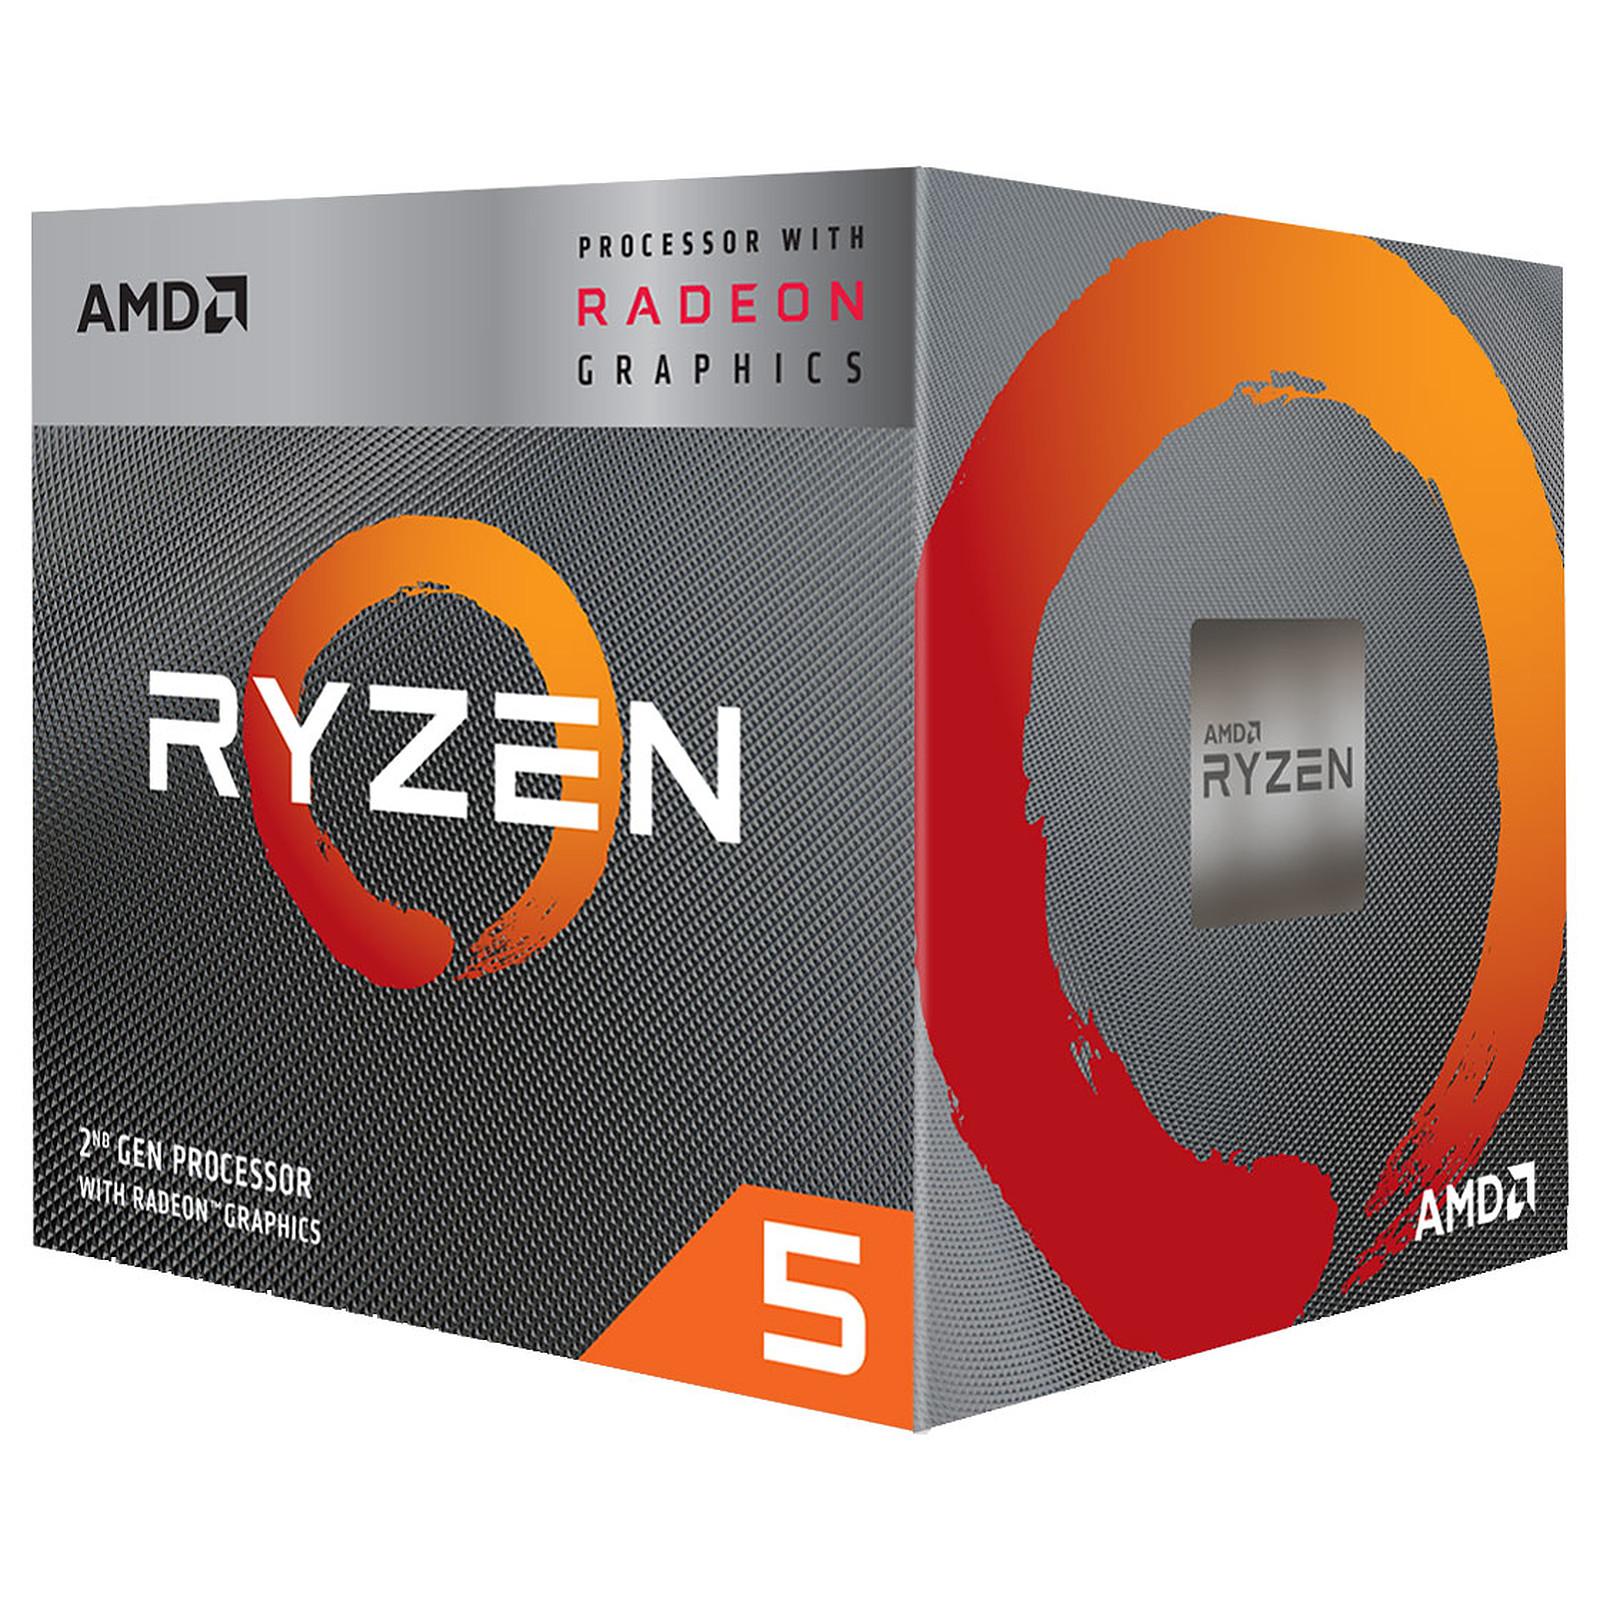 Processeur AMD 4 Core/8 Threads Socket AM4 Ryzen 5 3400G 6 Mo (Boîte), informatique ile de la Réunion, informatique-reunion.com